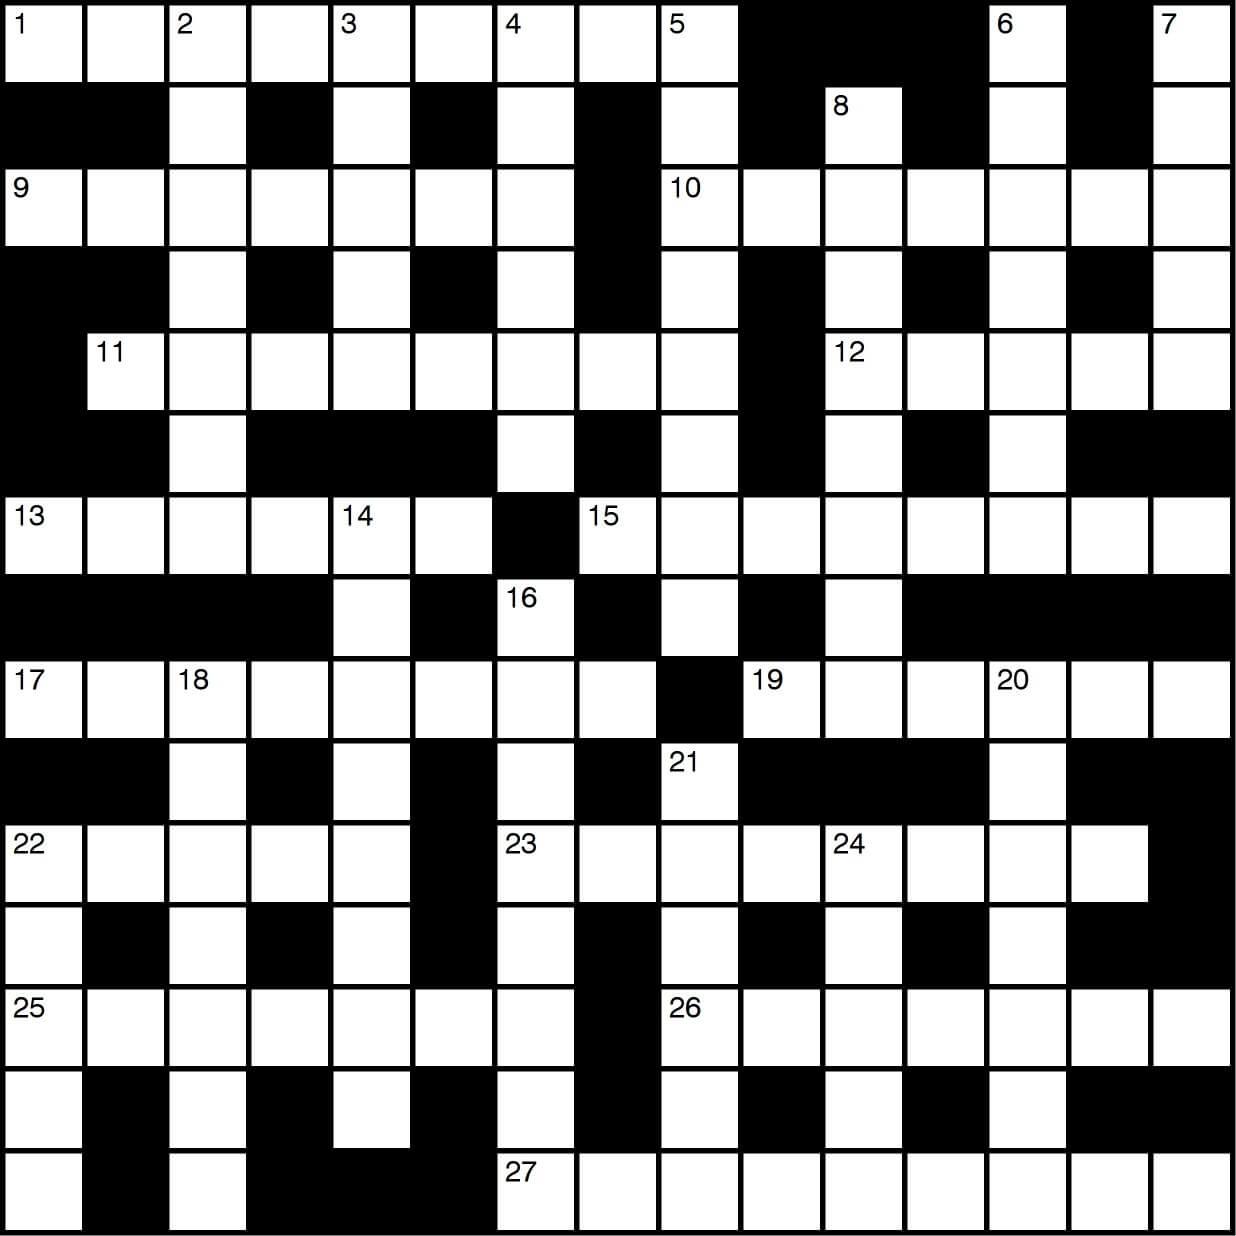 missing-vowels-uk-20